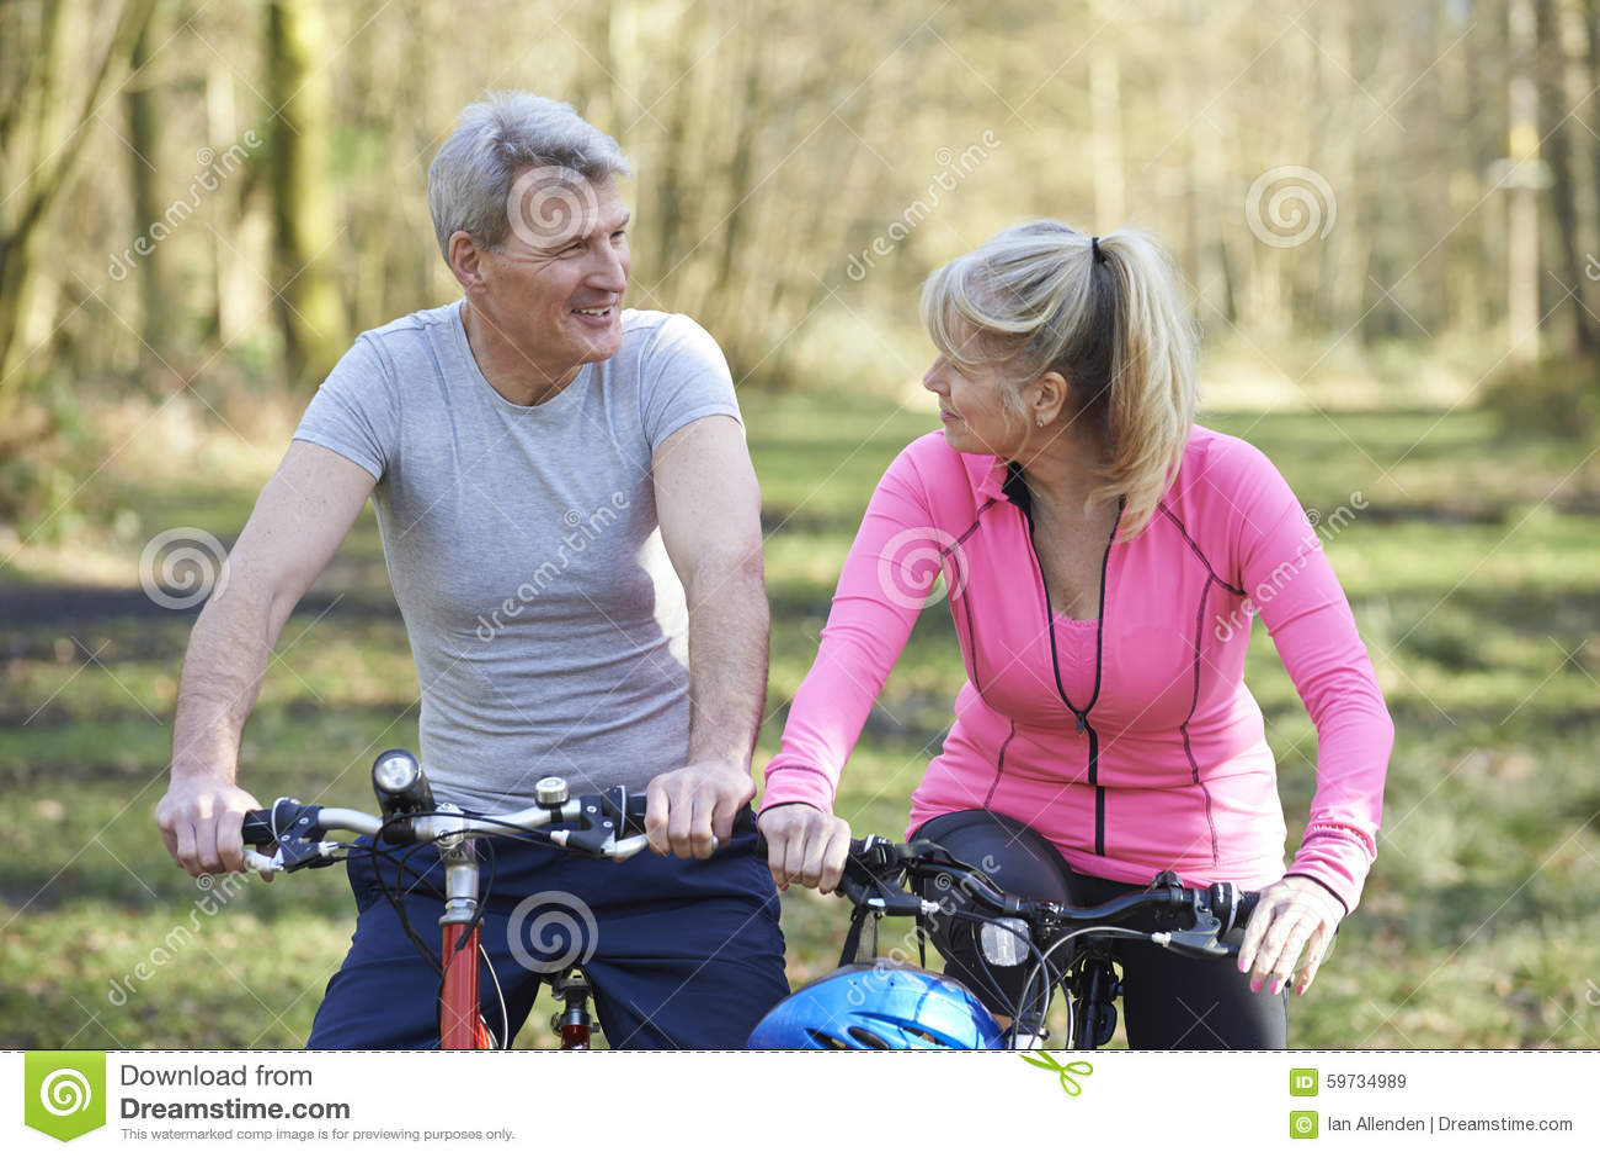 Reife Paare auf Zyklus-Fahrt in der Landschaft zusammen